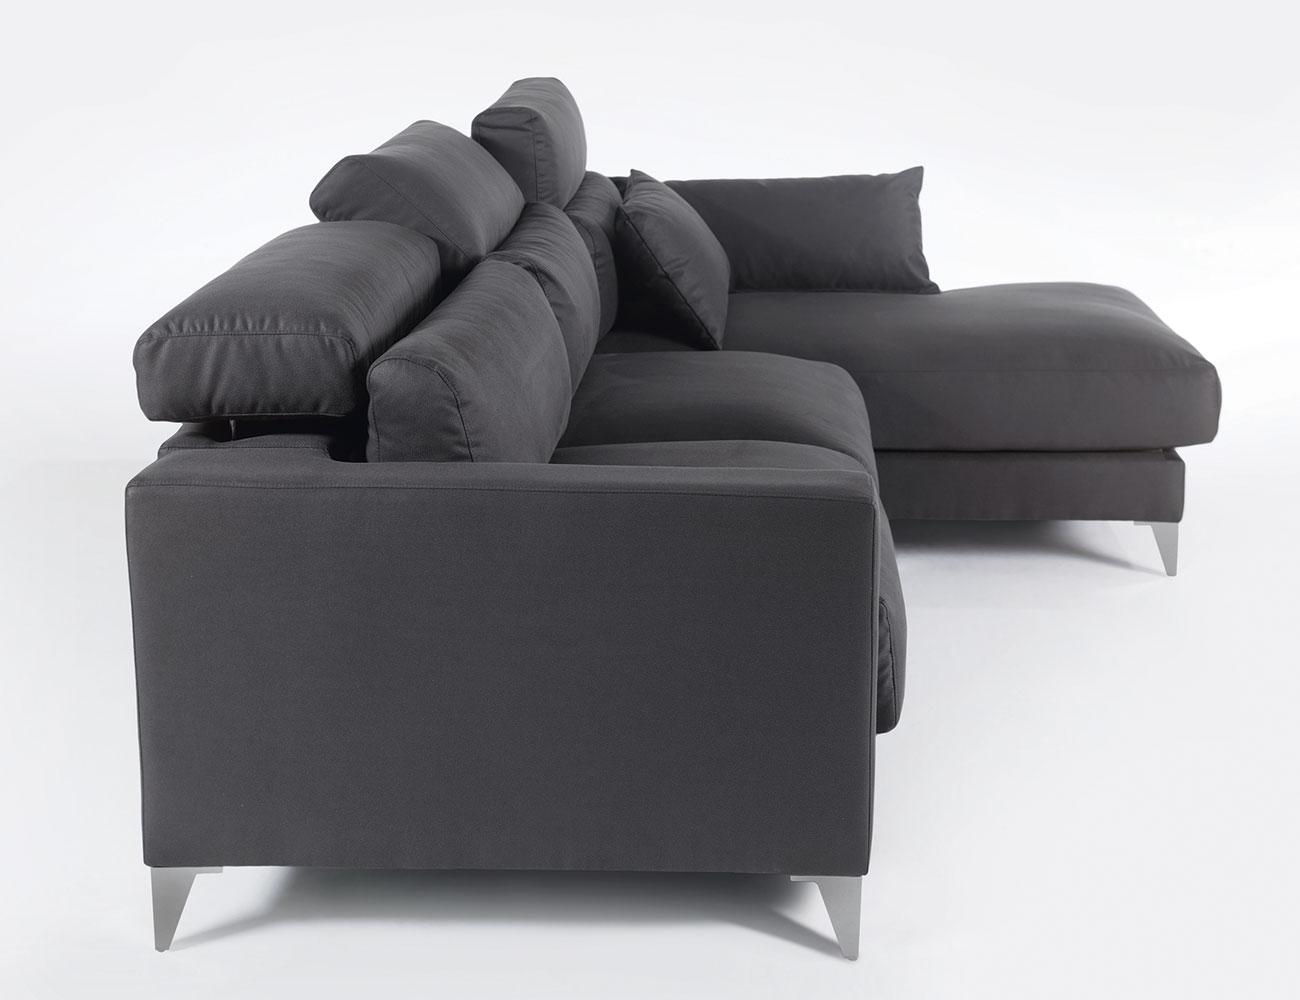 Sofa chaiselongue gran lujo decorativo grafito 141